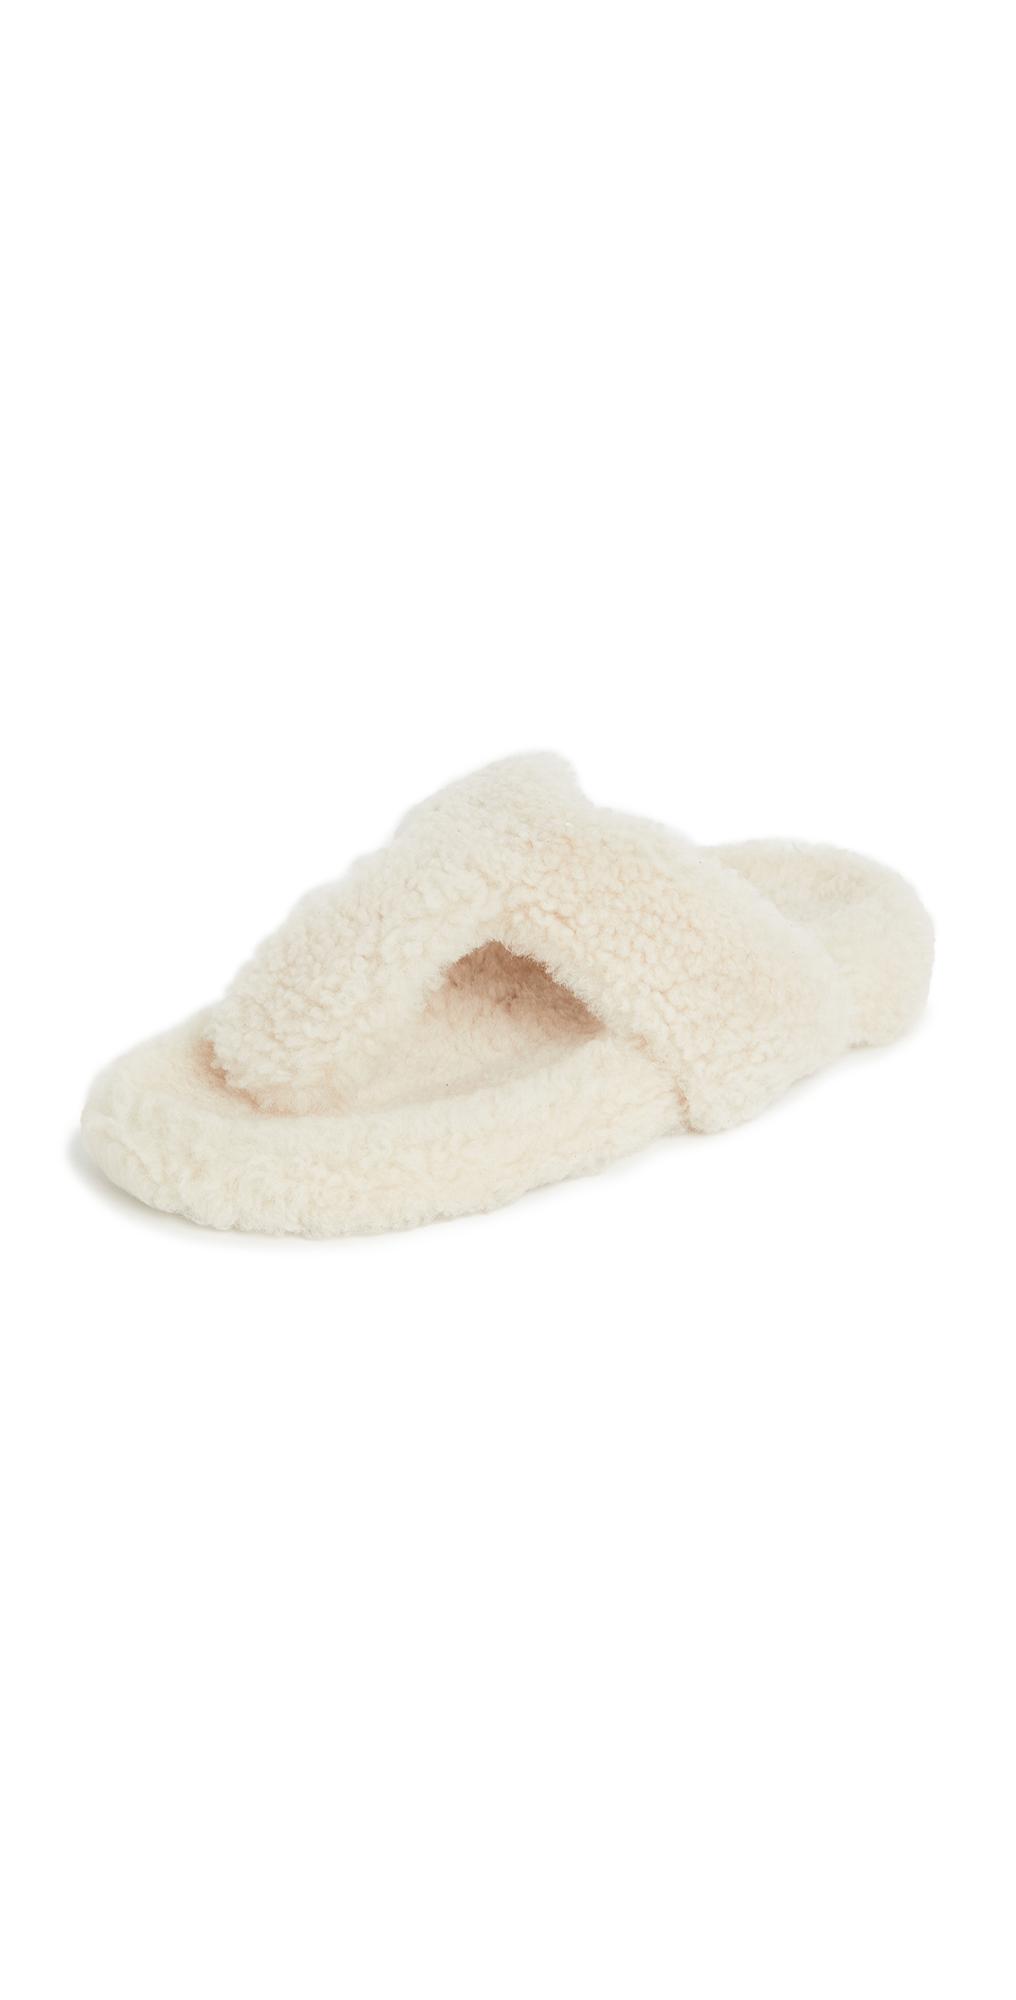 Aquazzura Relax Flat Footbed Sandals